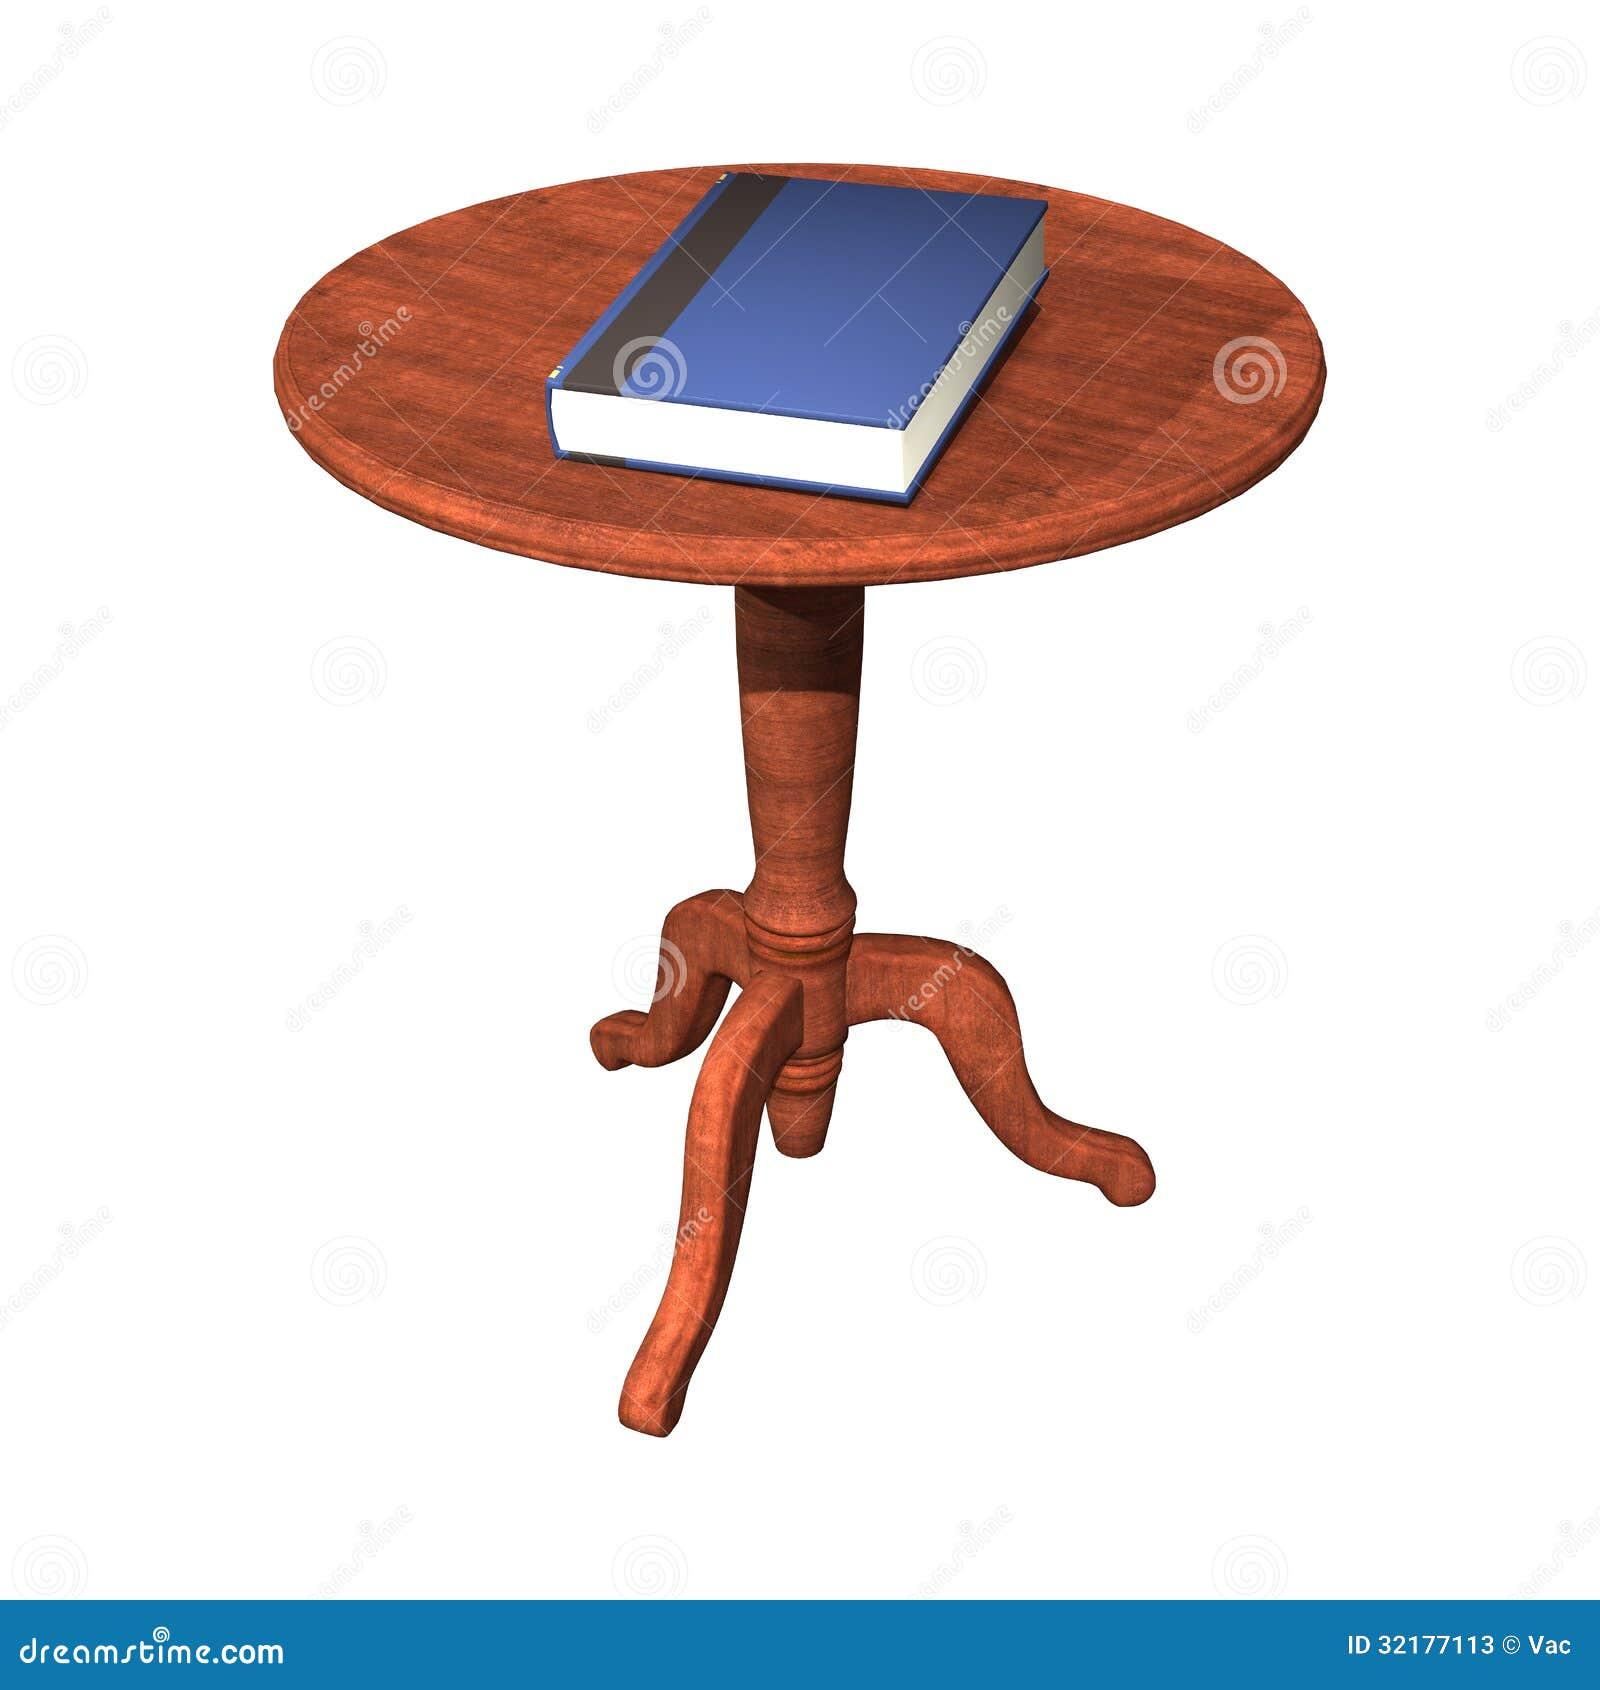 buch auf dem tisch stock abbildung bild von bibliothek 32177113. Black Bedroom Furniture Sets. Home Design Ideas